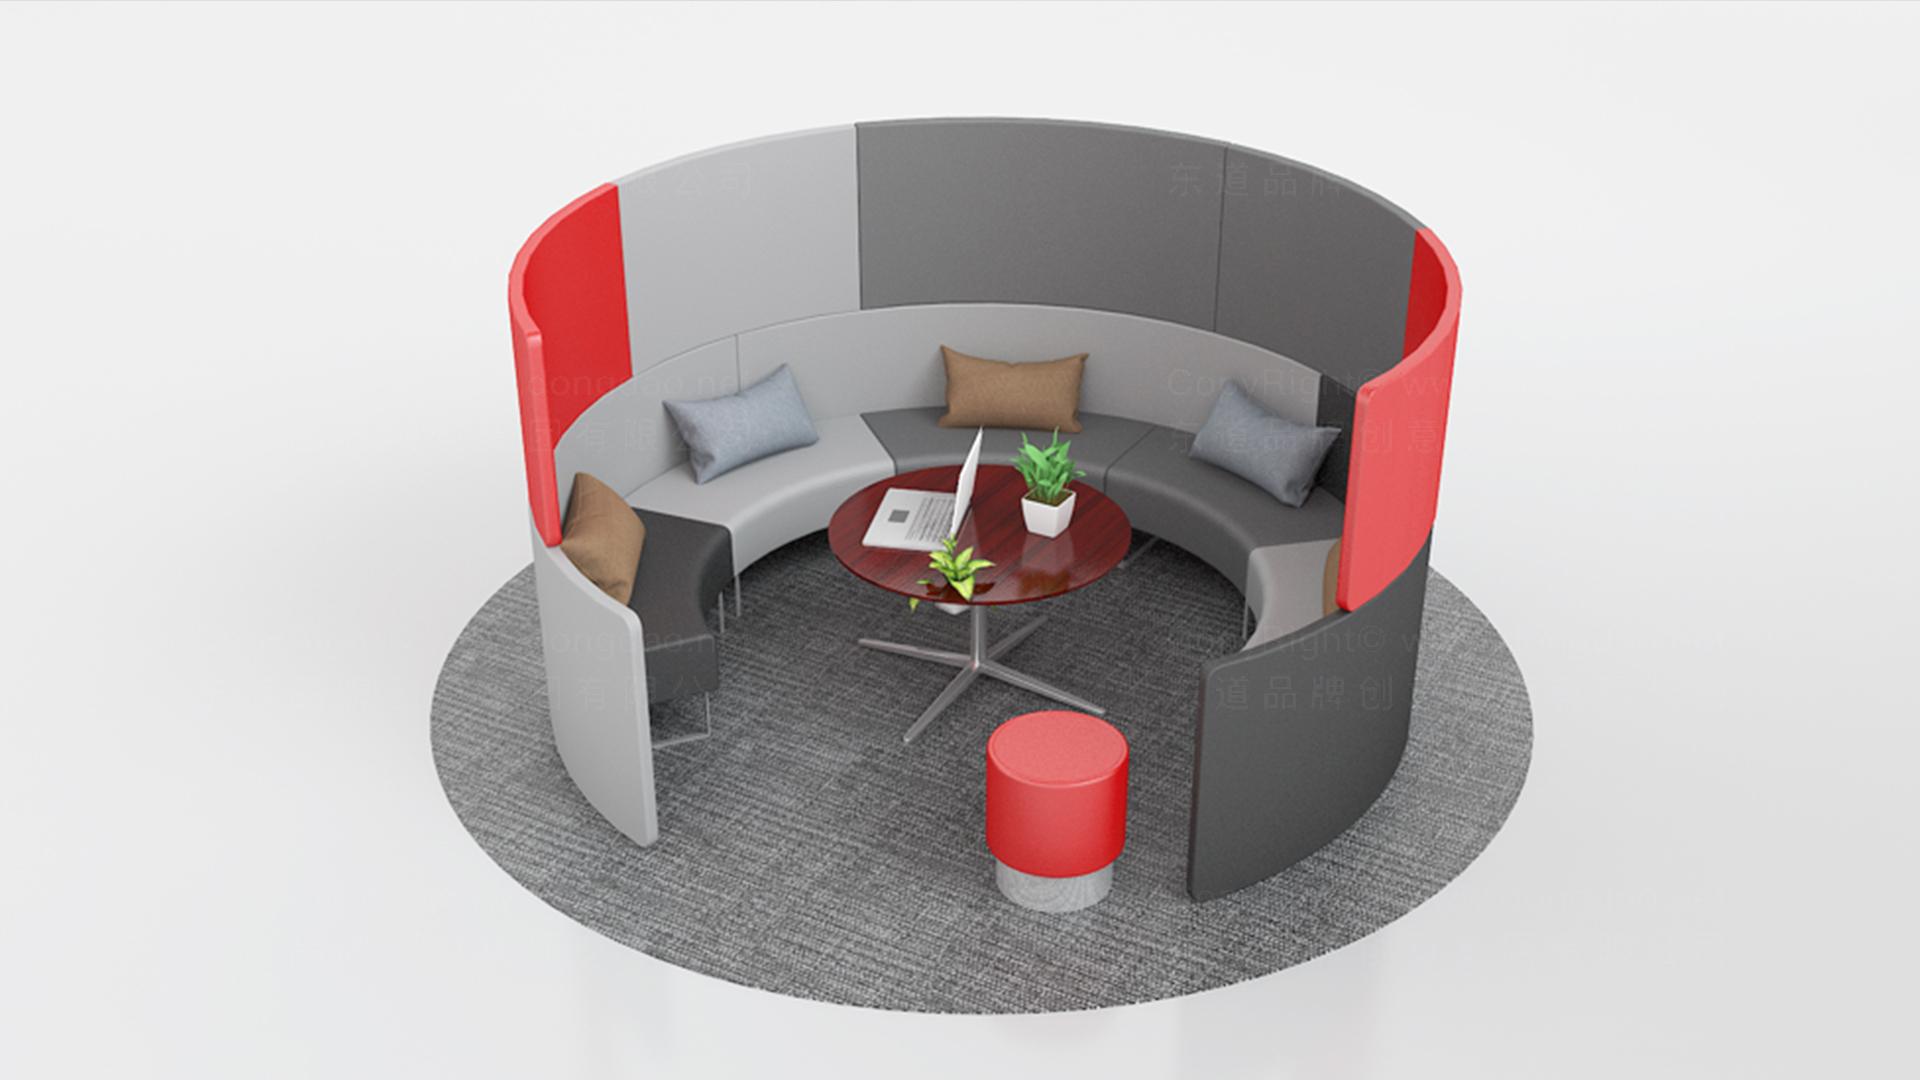 商业空间&导示辽阳银行银行网点风格设计应用场景_3